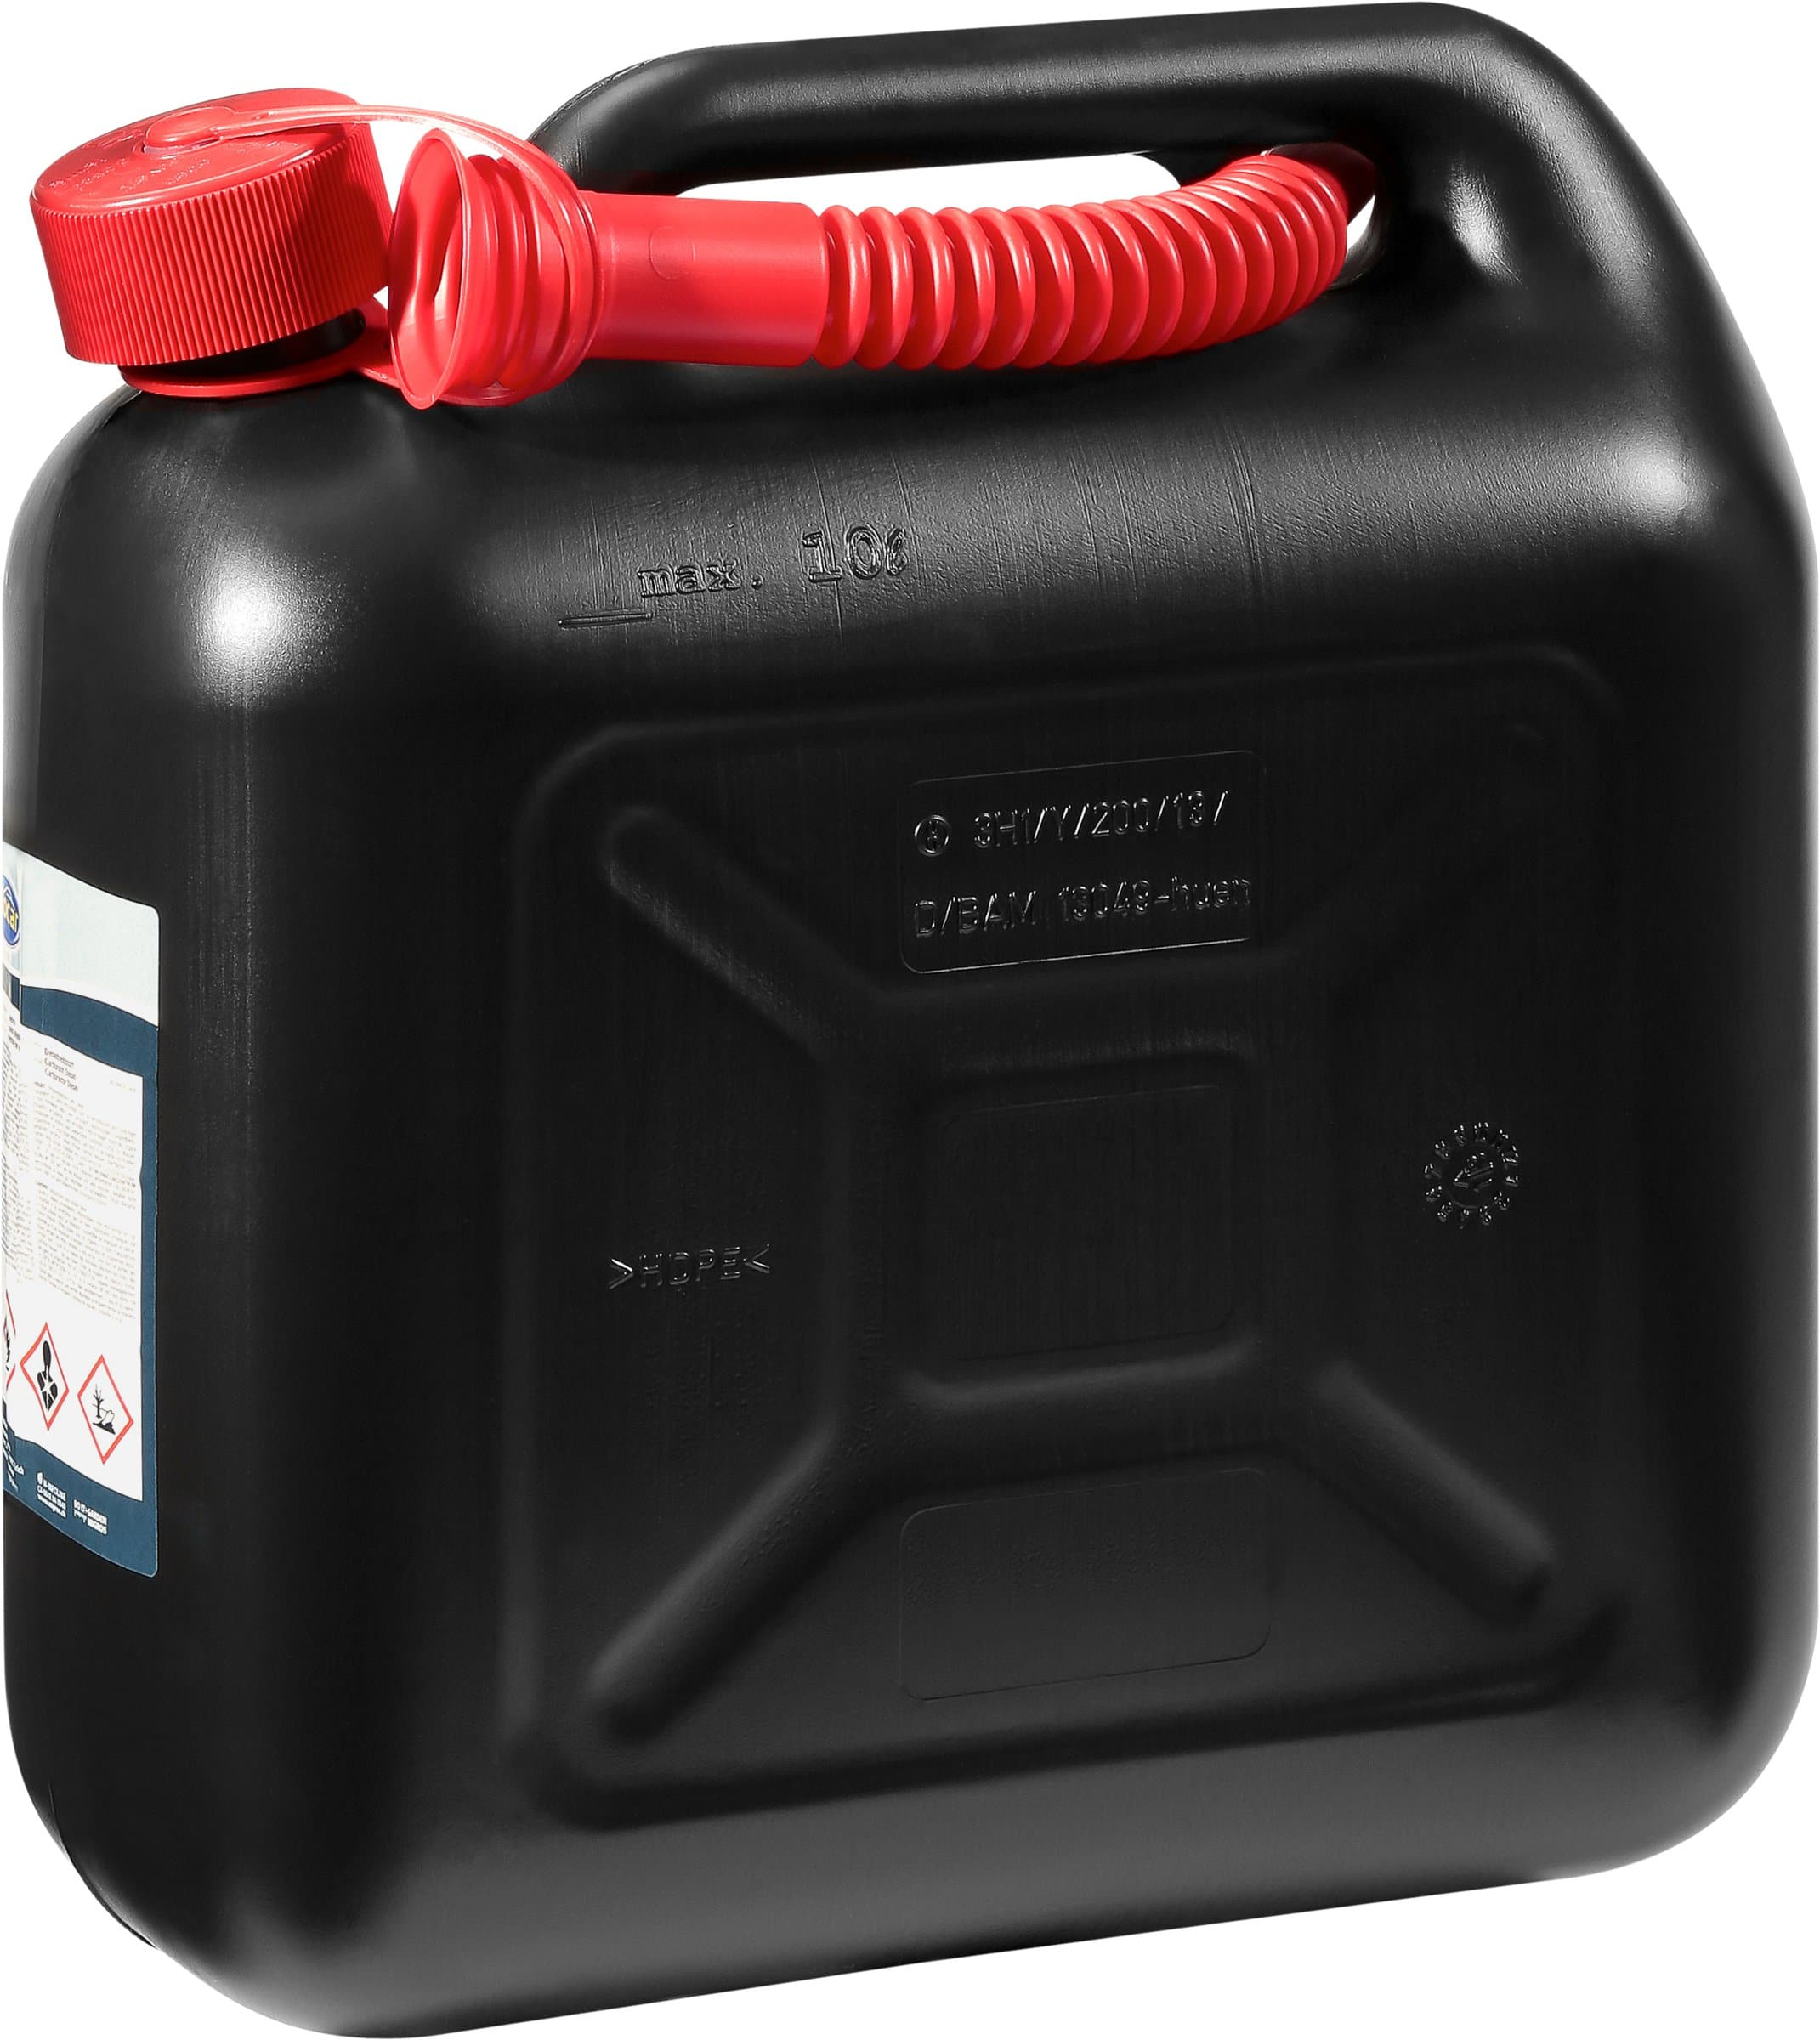 miocar benzin kanister 10 l migros. Black Bedroom Furniture Sets. Home Design Ideas